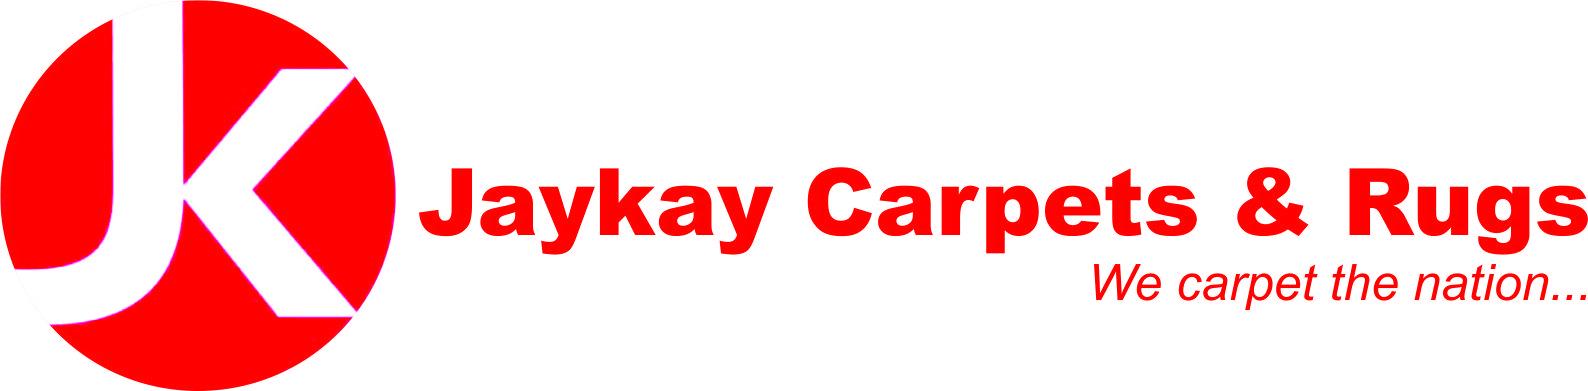 Jaykay Carpets & Rugs